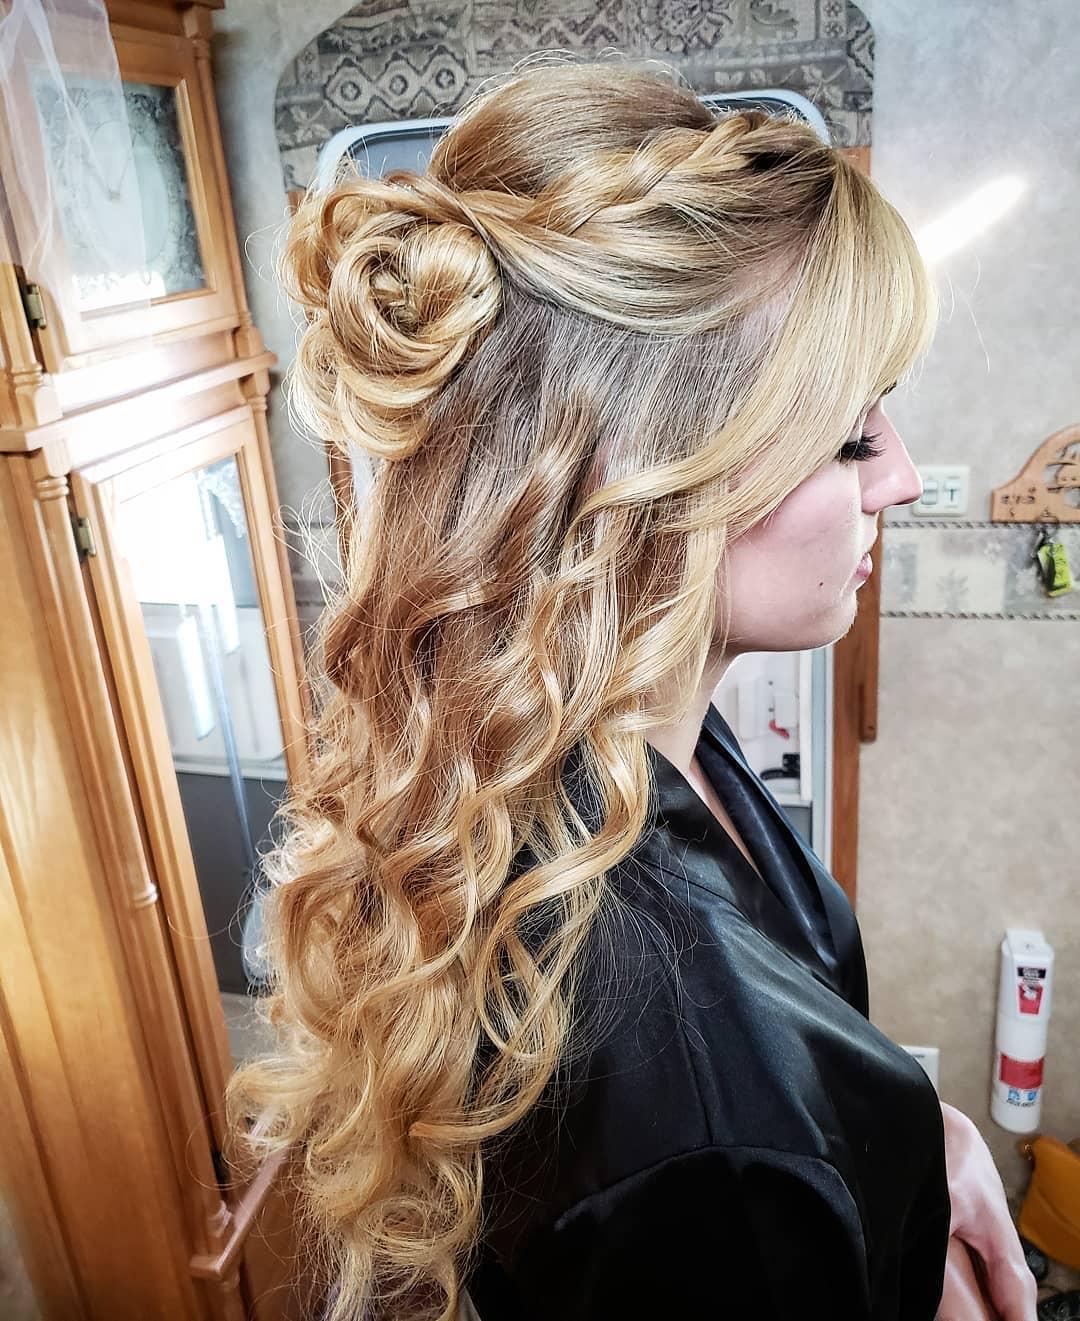 6 kiểu tóc buộc nửa này sẽ giúp teen thêm lung linh khi đến trường - Hình 2